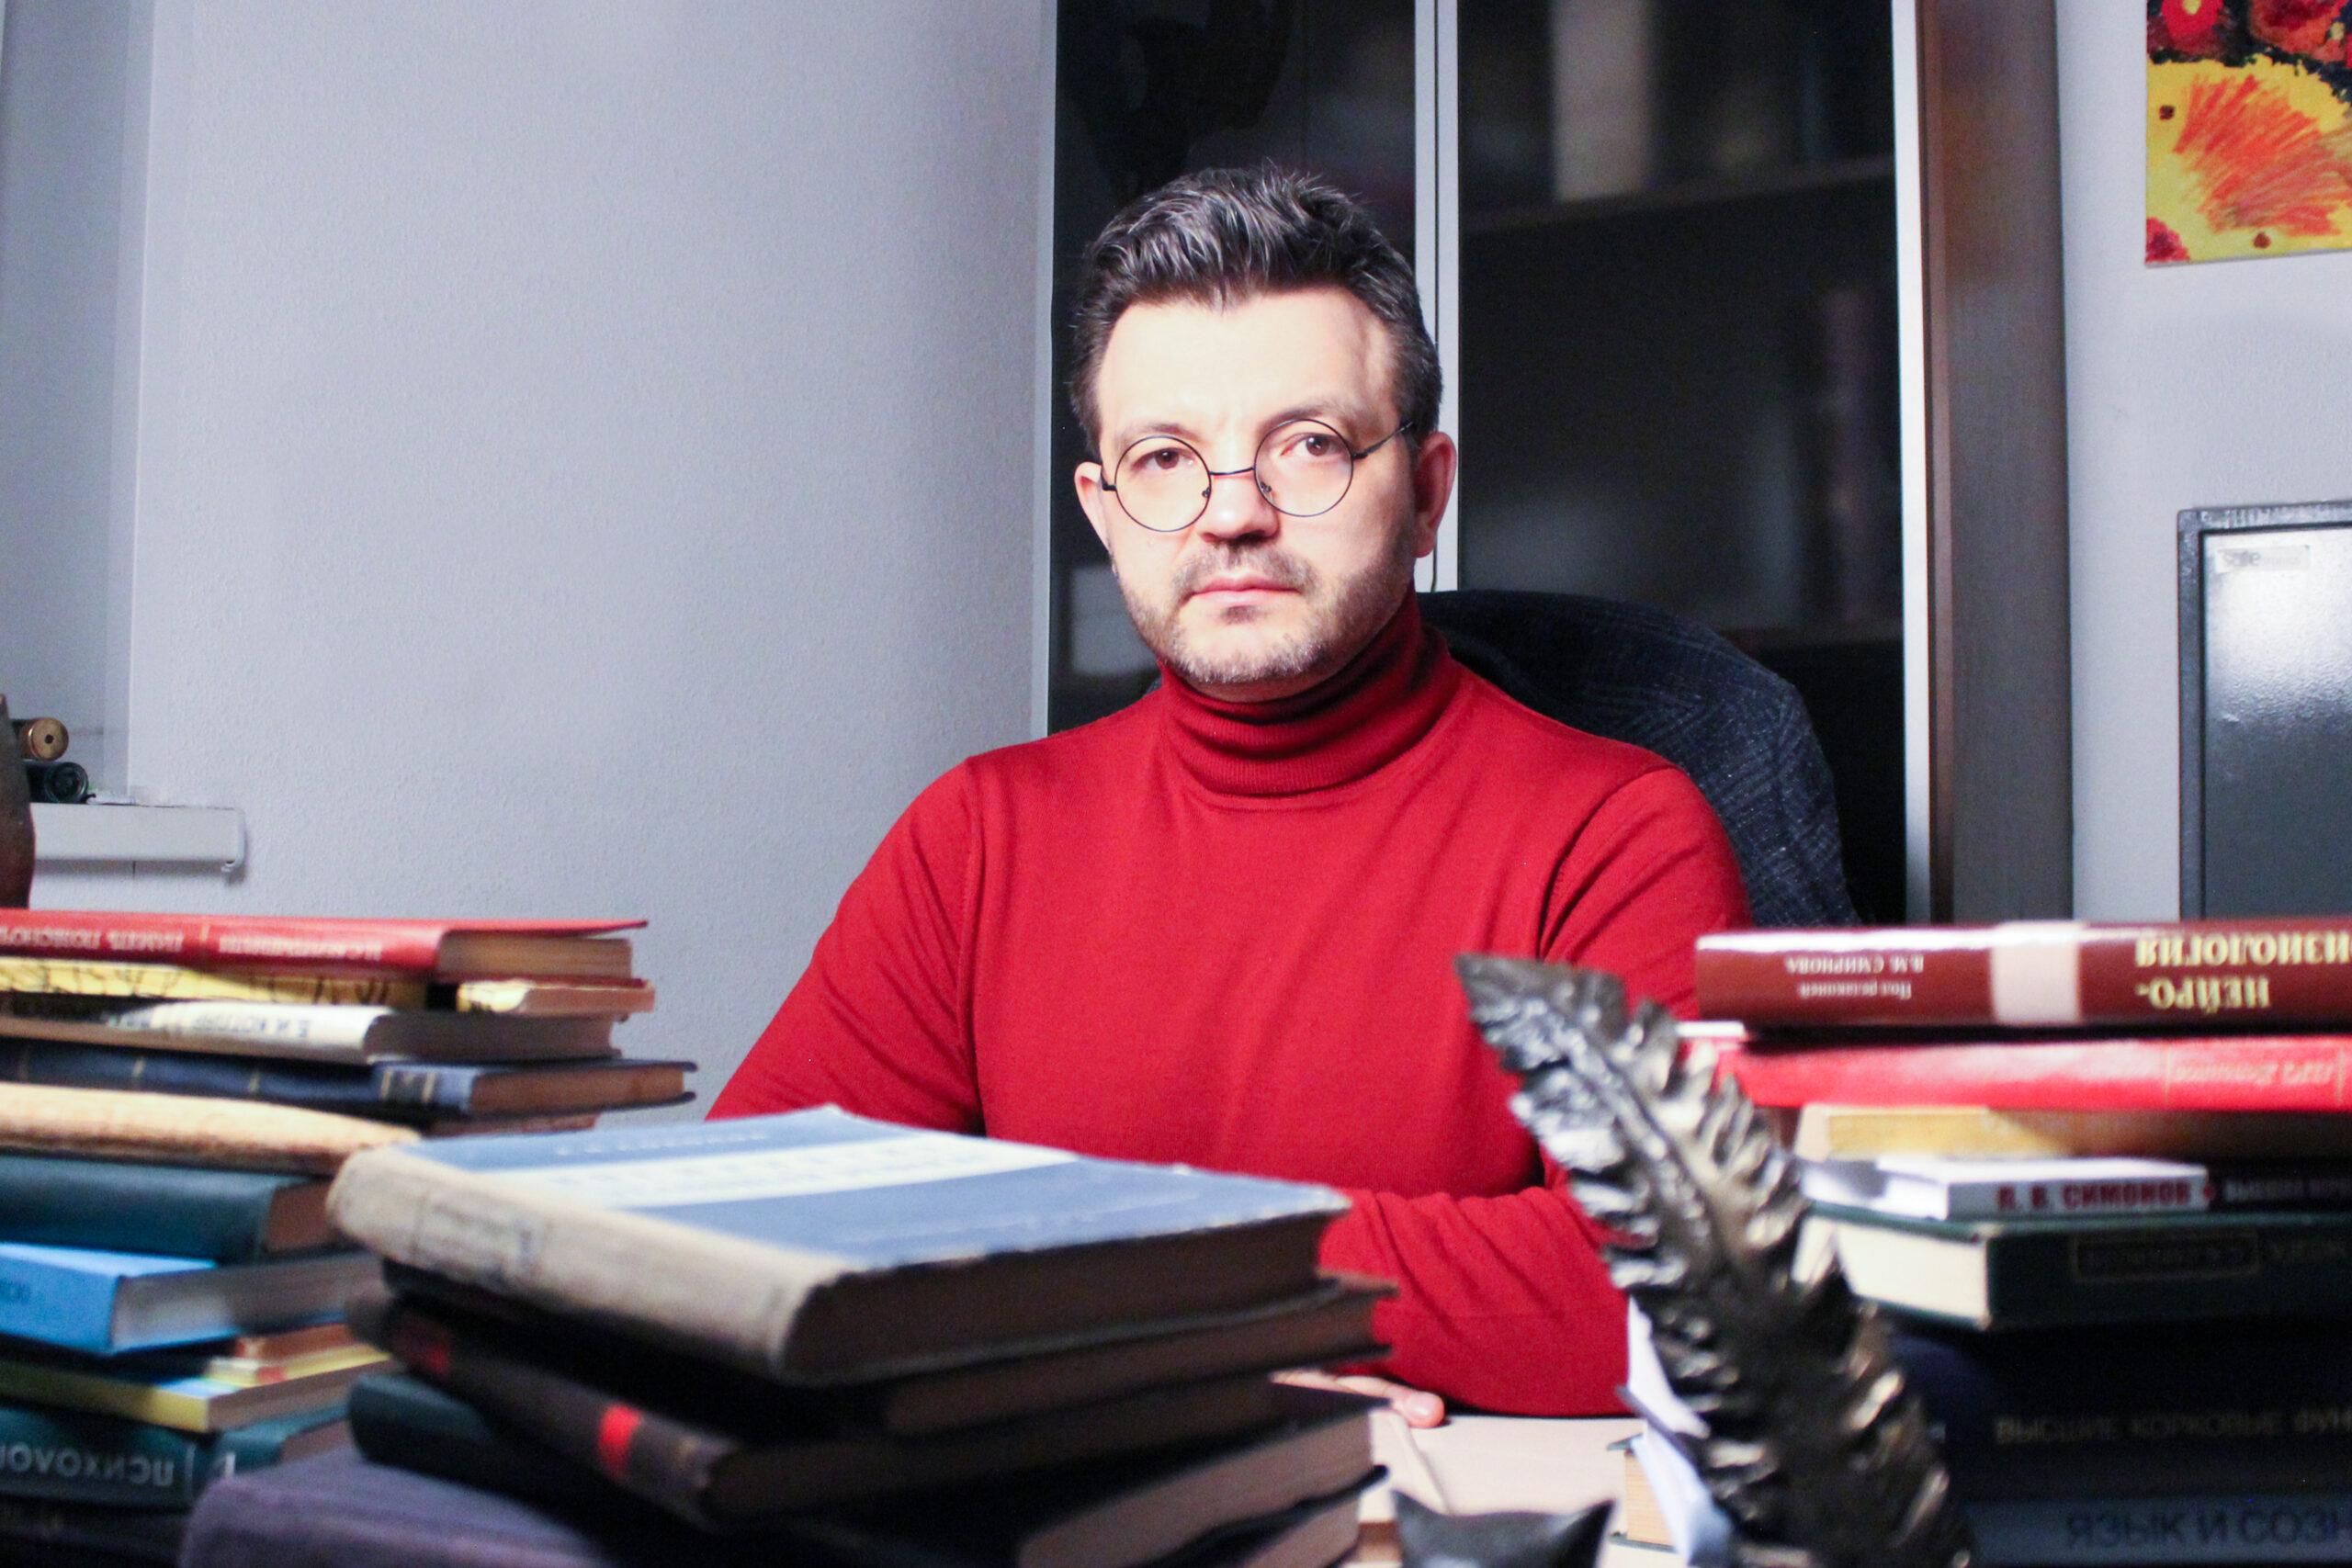 Клинический психолог Валерий Ивановский объяснил, почему левши острее реагируют на кризисные ситуации